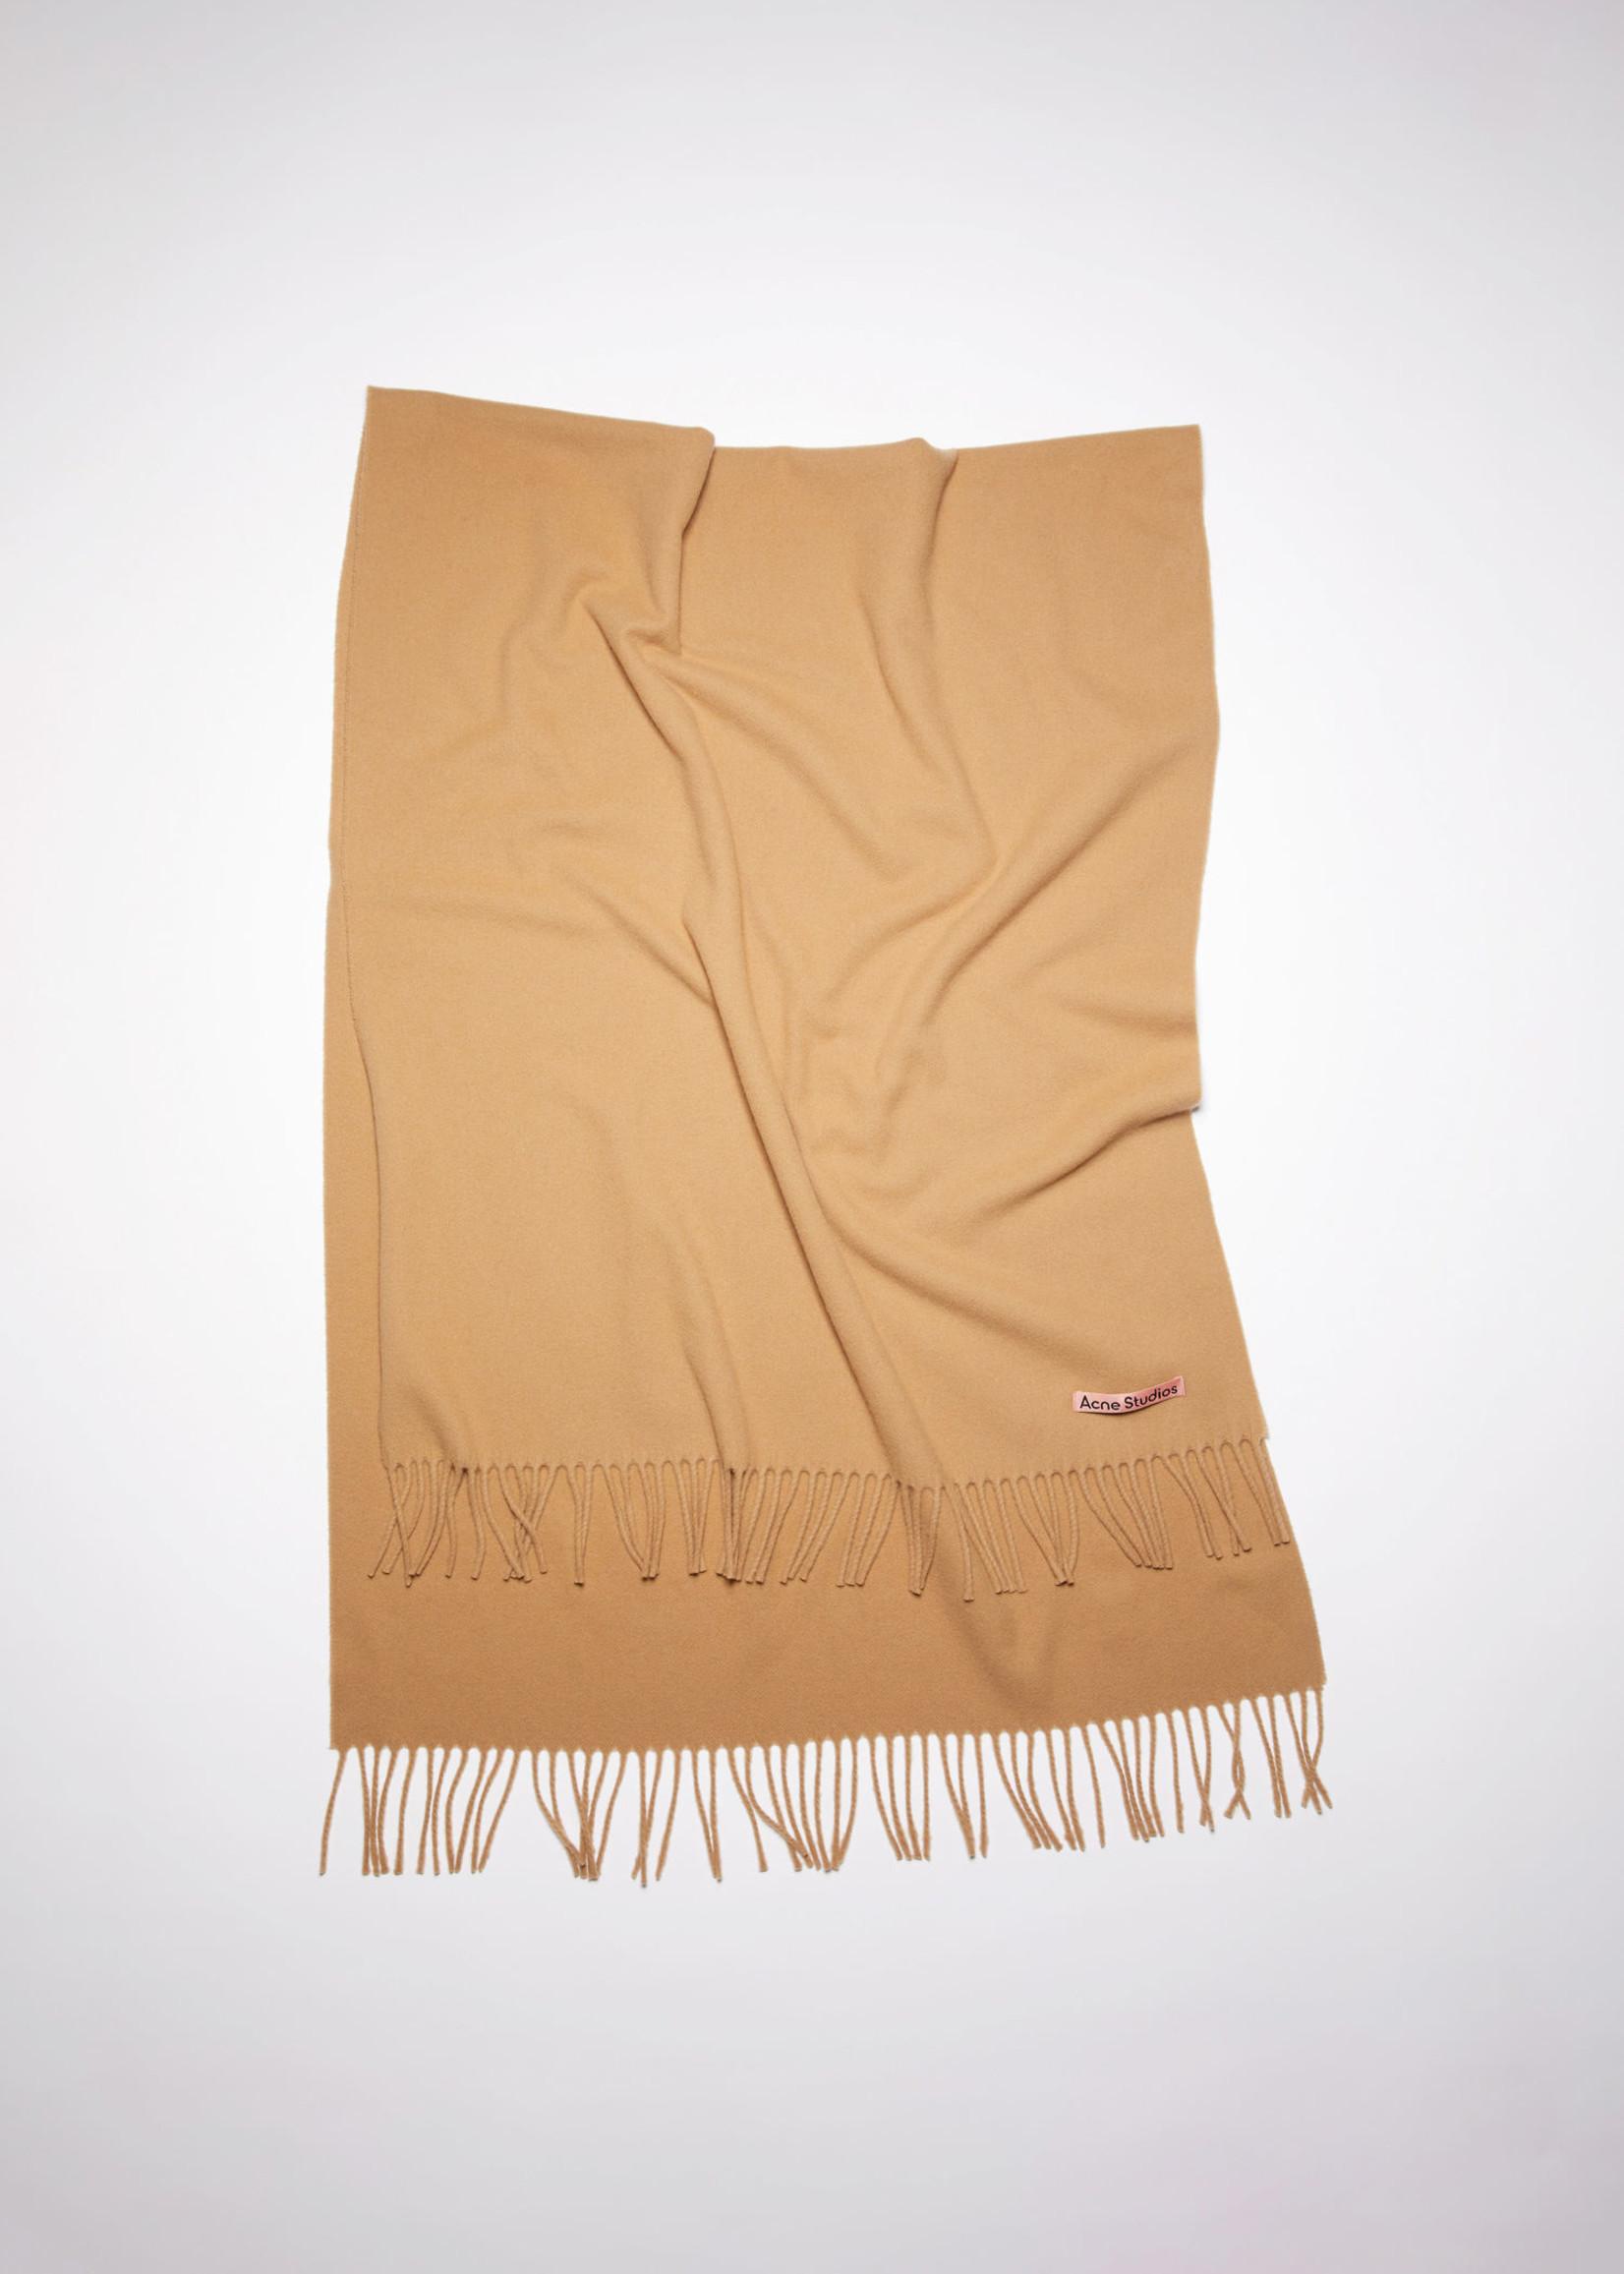 Acnestudios Acnestudios Canada new scarf dark camel